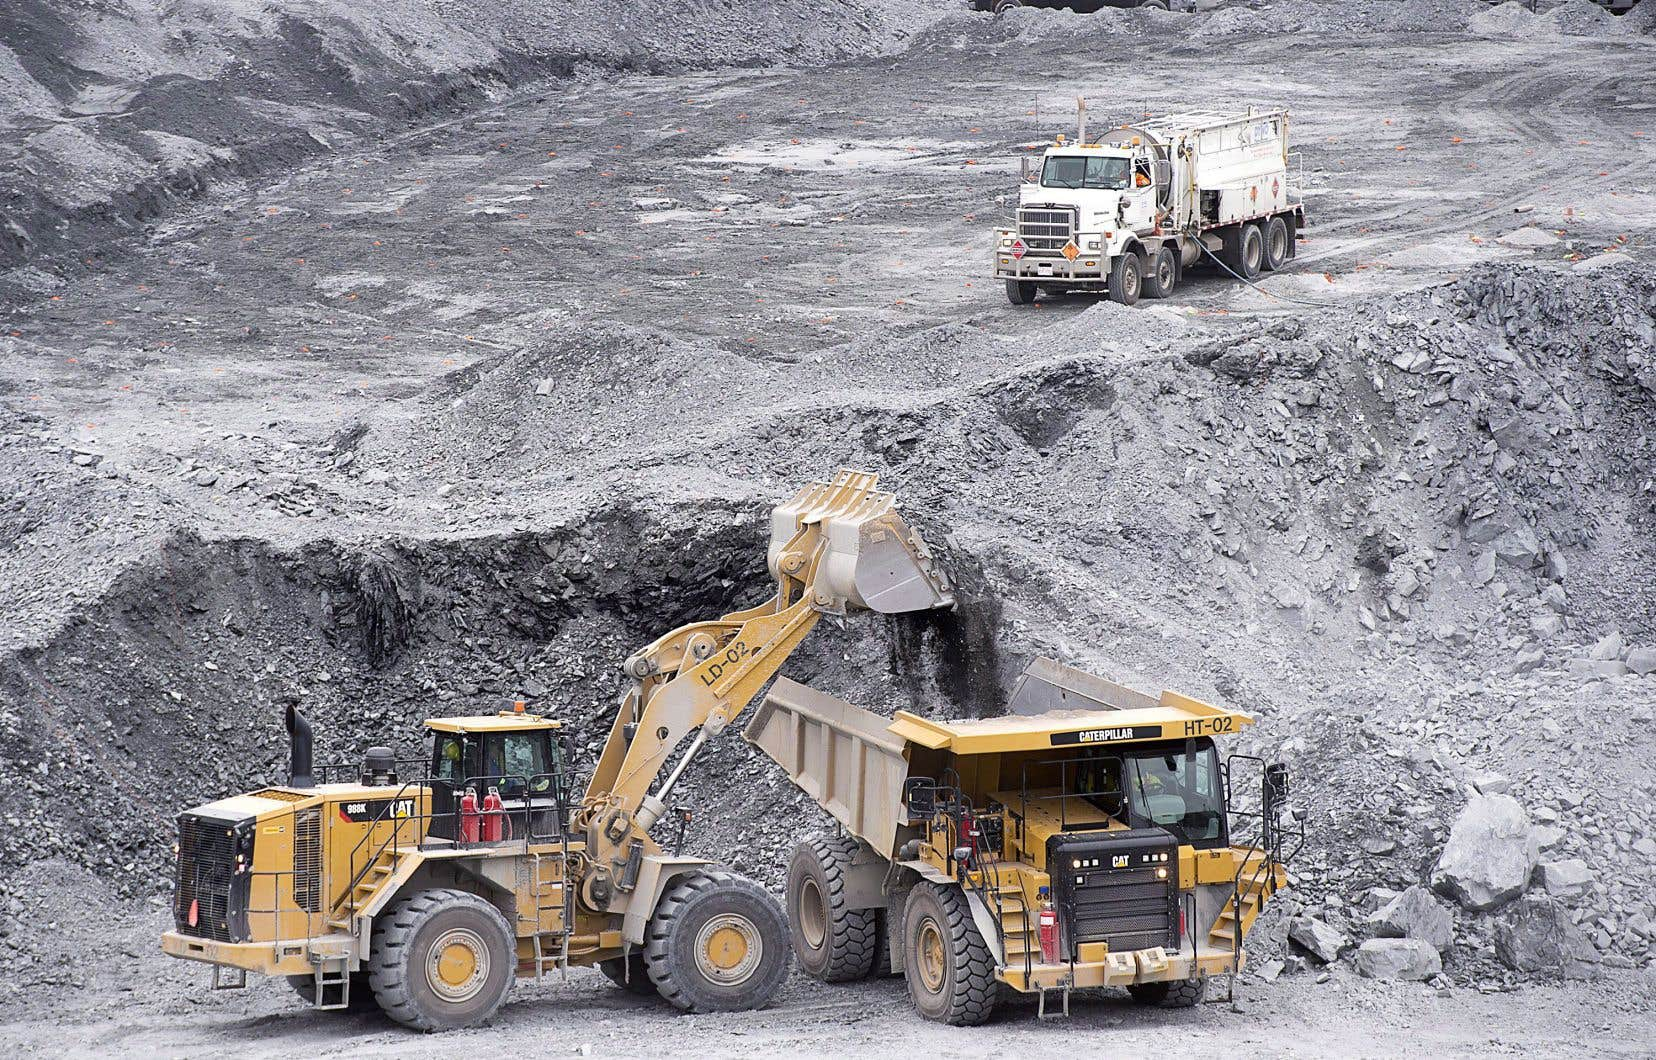 Les quatorze démissionnaires estiment ne plus avoir confiance en l'engagement d'Ottawa en matière de droits des communautés touchées par l'exploitation minière canadienne à l'étranger.